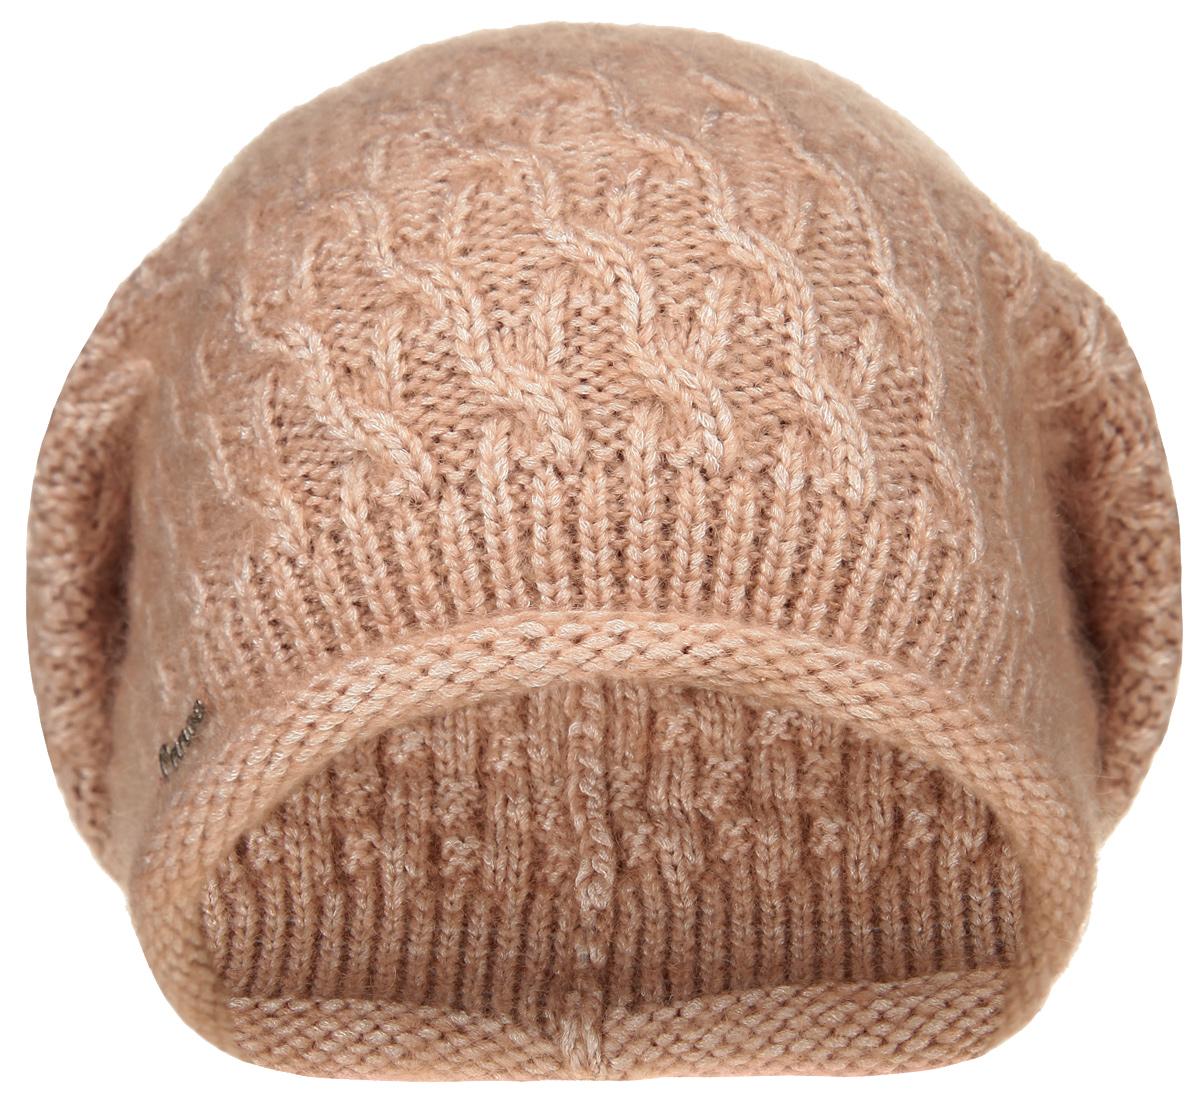 Шапка женская Ilene3445440Удлиненная женская шапка Canoe Ilene с ажурным рисунком отлично дополнит ваш образ в холодную погоду. Сочетание суперкид мохера, вискозы и полиамида максимально сохраняет тепло и обеспечивает удобную посадку, невероятную легкость и мягкость. Визуально пряжа имеет красивое , двухцветное переплетение, создающее ощущение глубины и объема внутри изделия. Шапка украшена небольшим декоративным элементом с изображением надписи Canoe. Привлекательная стильная шапка Canoe Ilene подчеркнет ваш неповторимый стиль и индивидуальность.